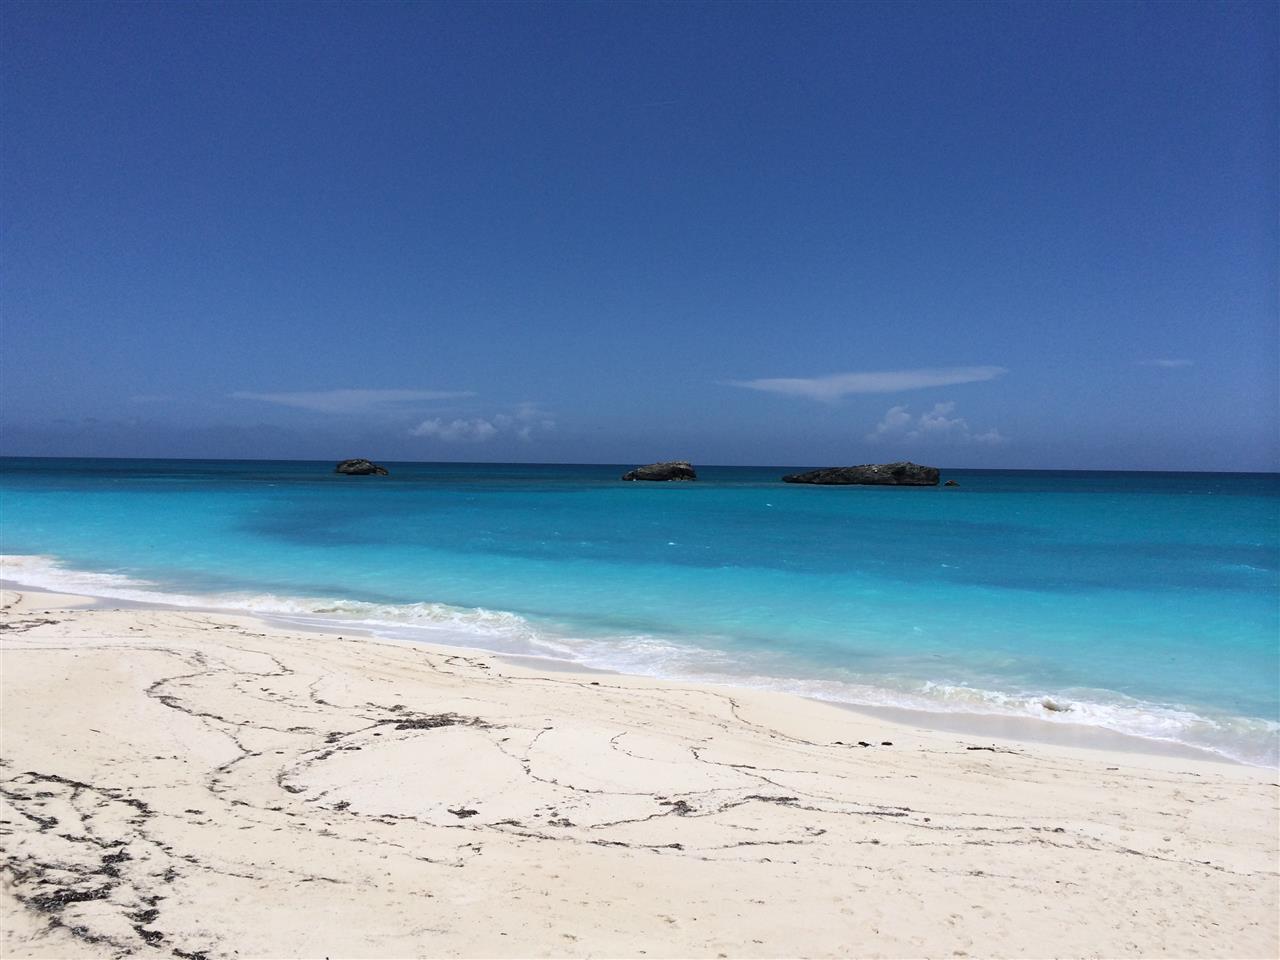 Tropic of cancer beach #Exuma